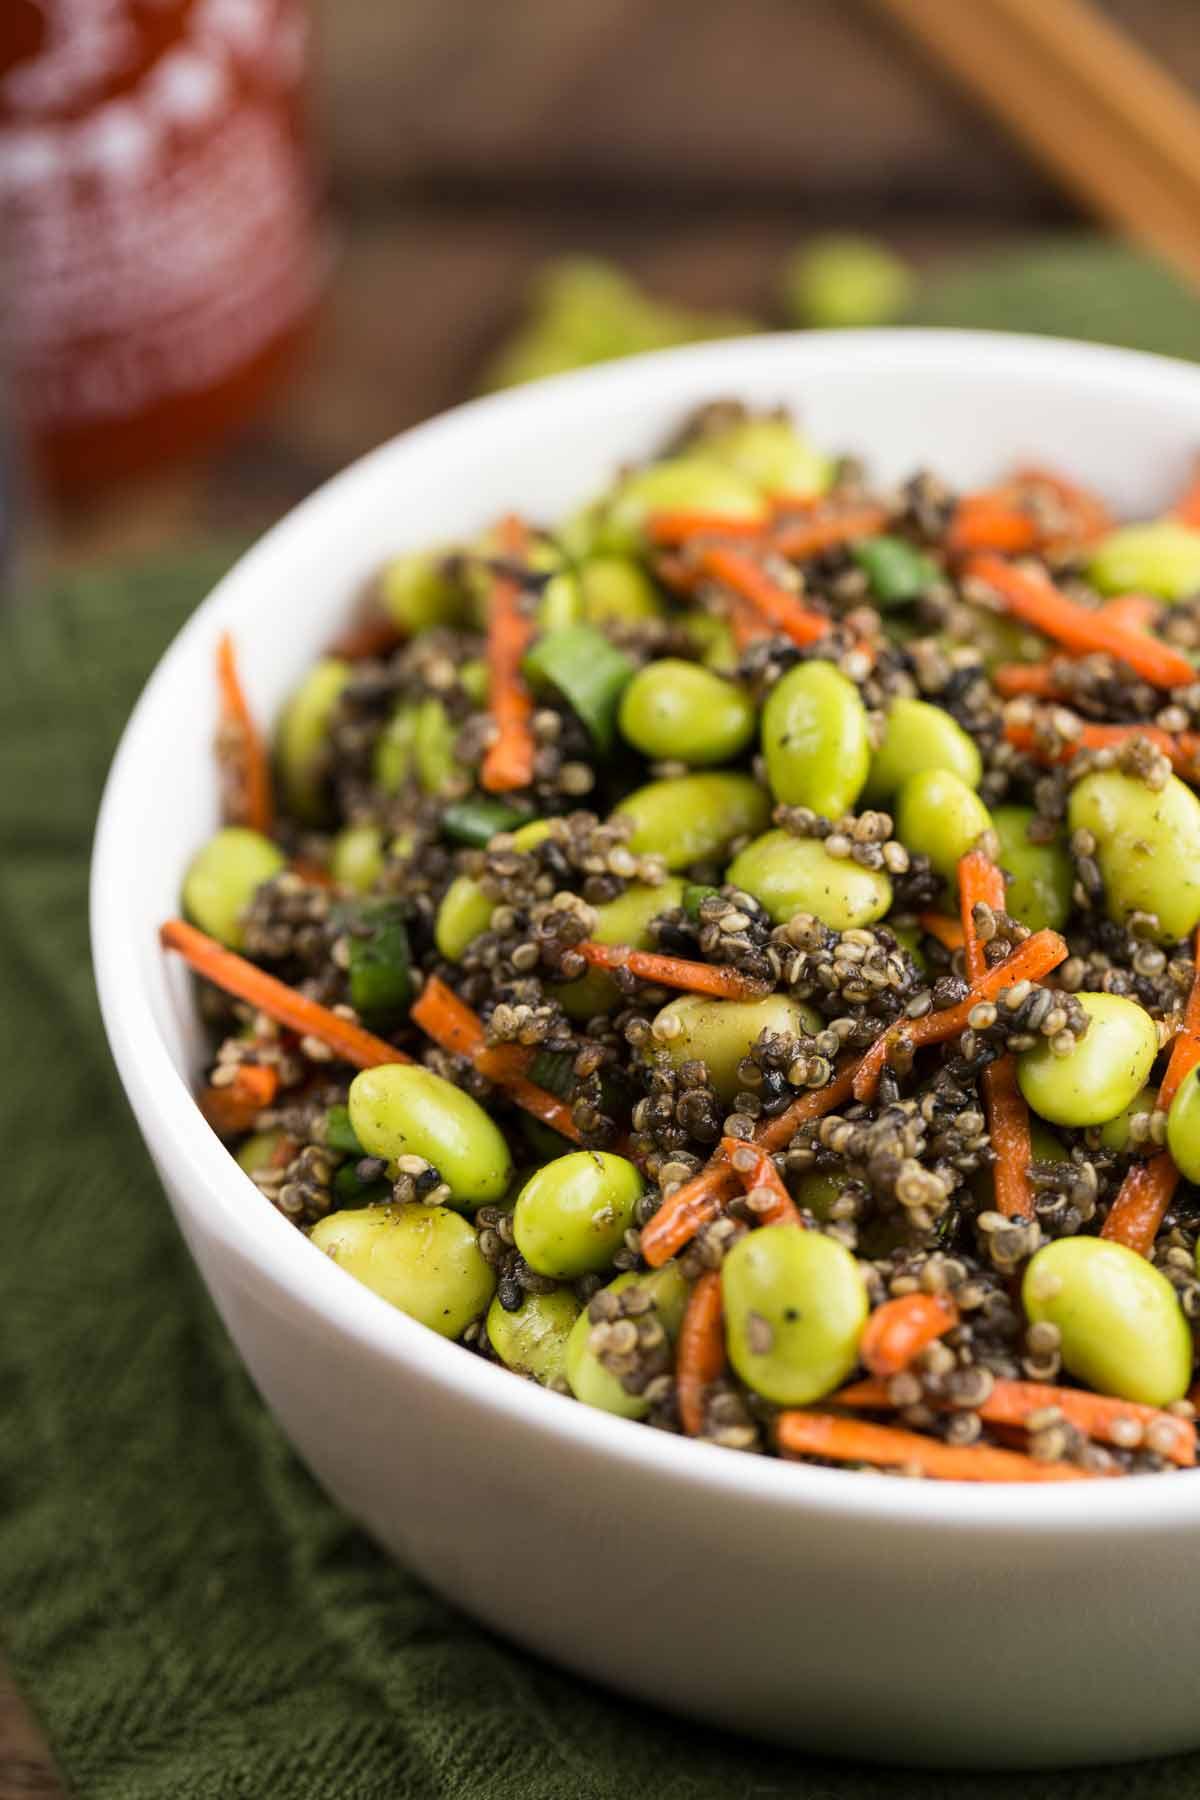 Edamame Sesame Quinoa Salad | via veggiechick.com #vegan #glutenfree #oilfree